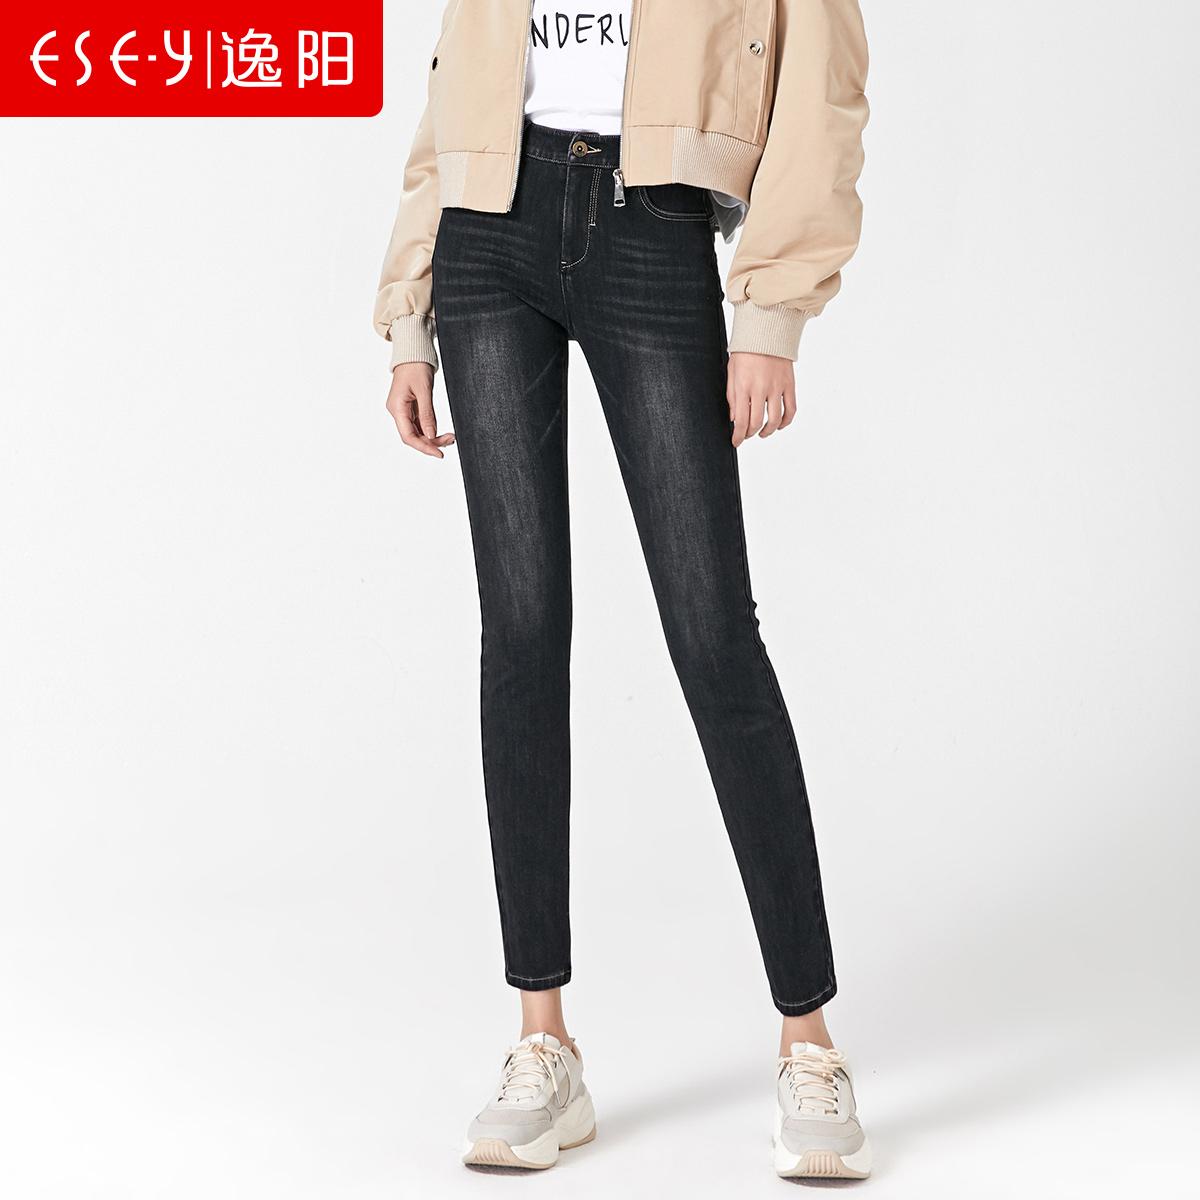 女裤牛仔裤铅笔裤新款推荐